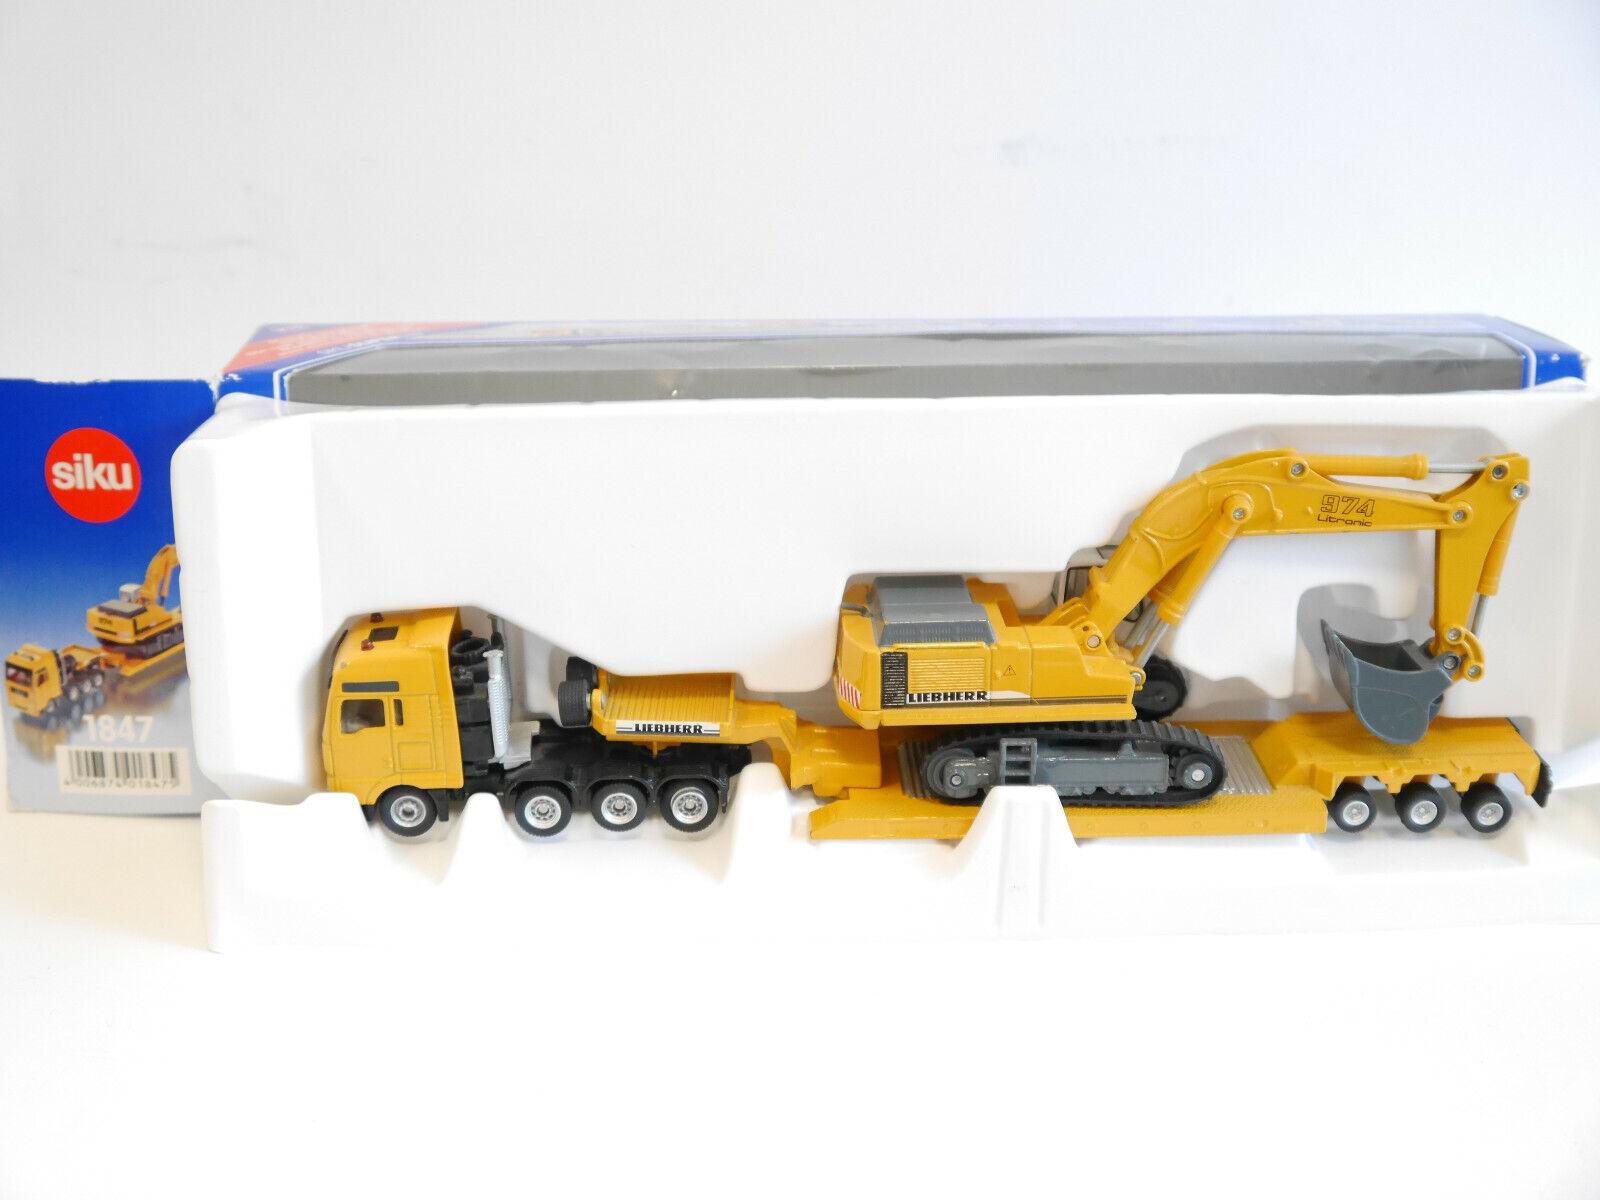 Precio al por mayor y calidad confiable. SZ Man tga tga tga XXL Liebherr + excavadoras 974 litronic amarillo, siku súper 1847 1 87 h0 OVP  Hay más marcas de productos de alta calidad.